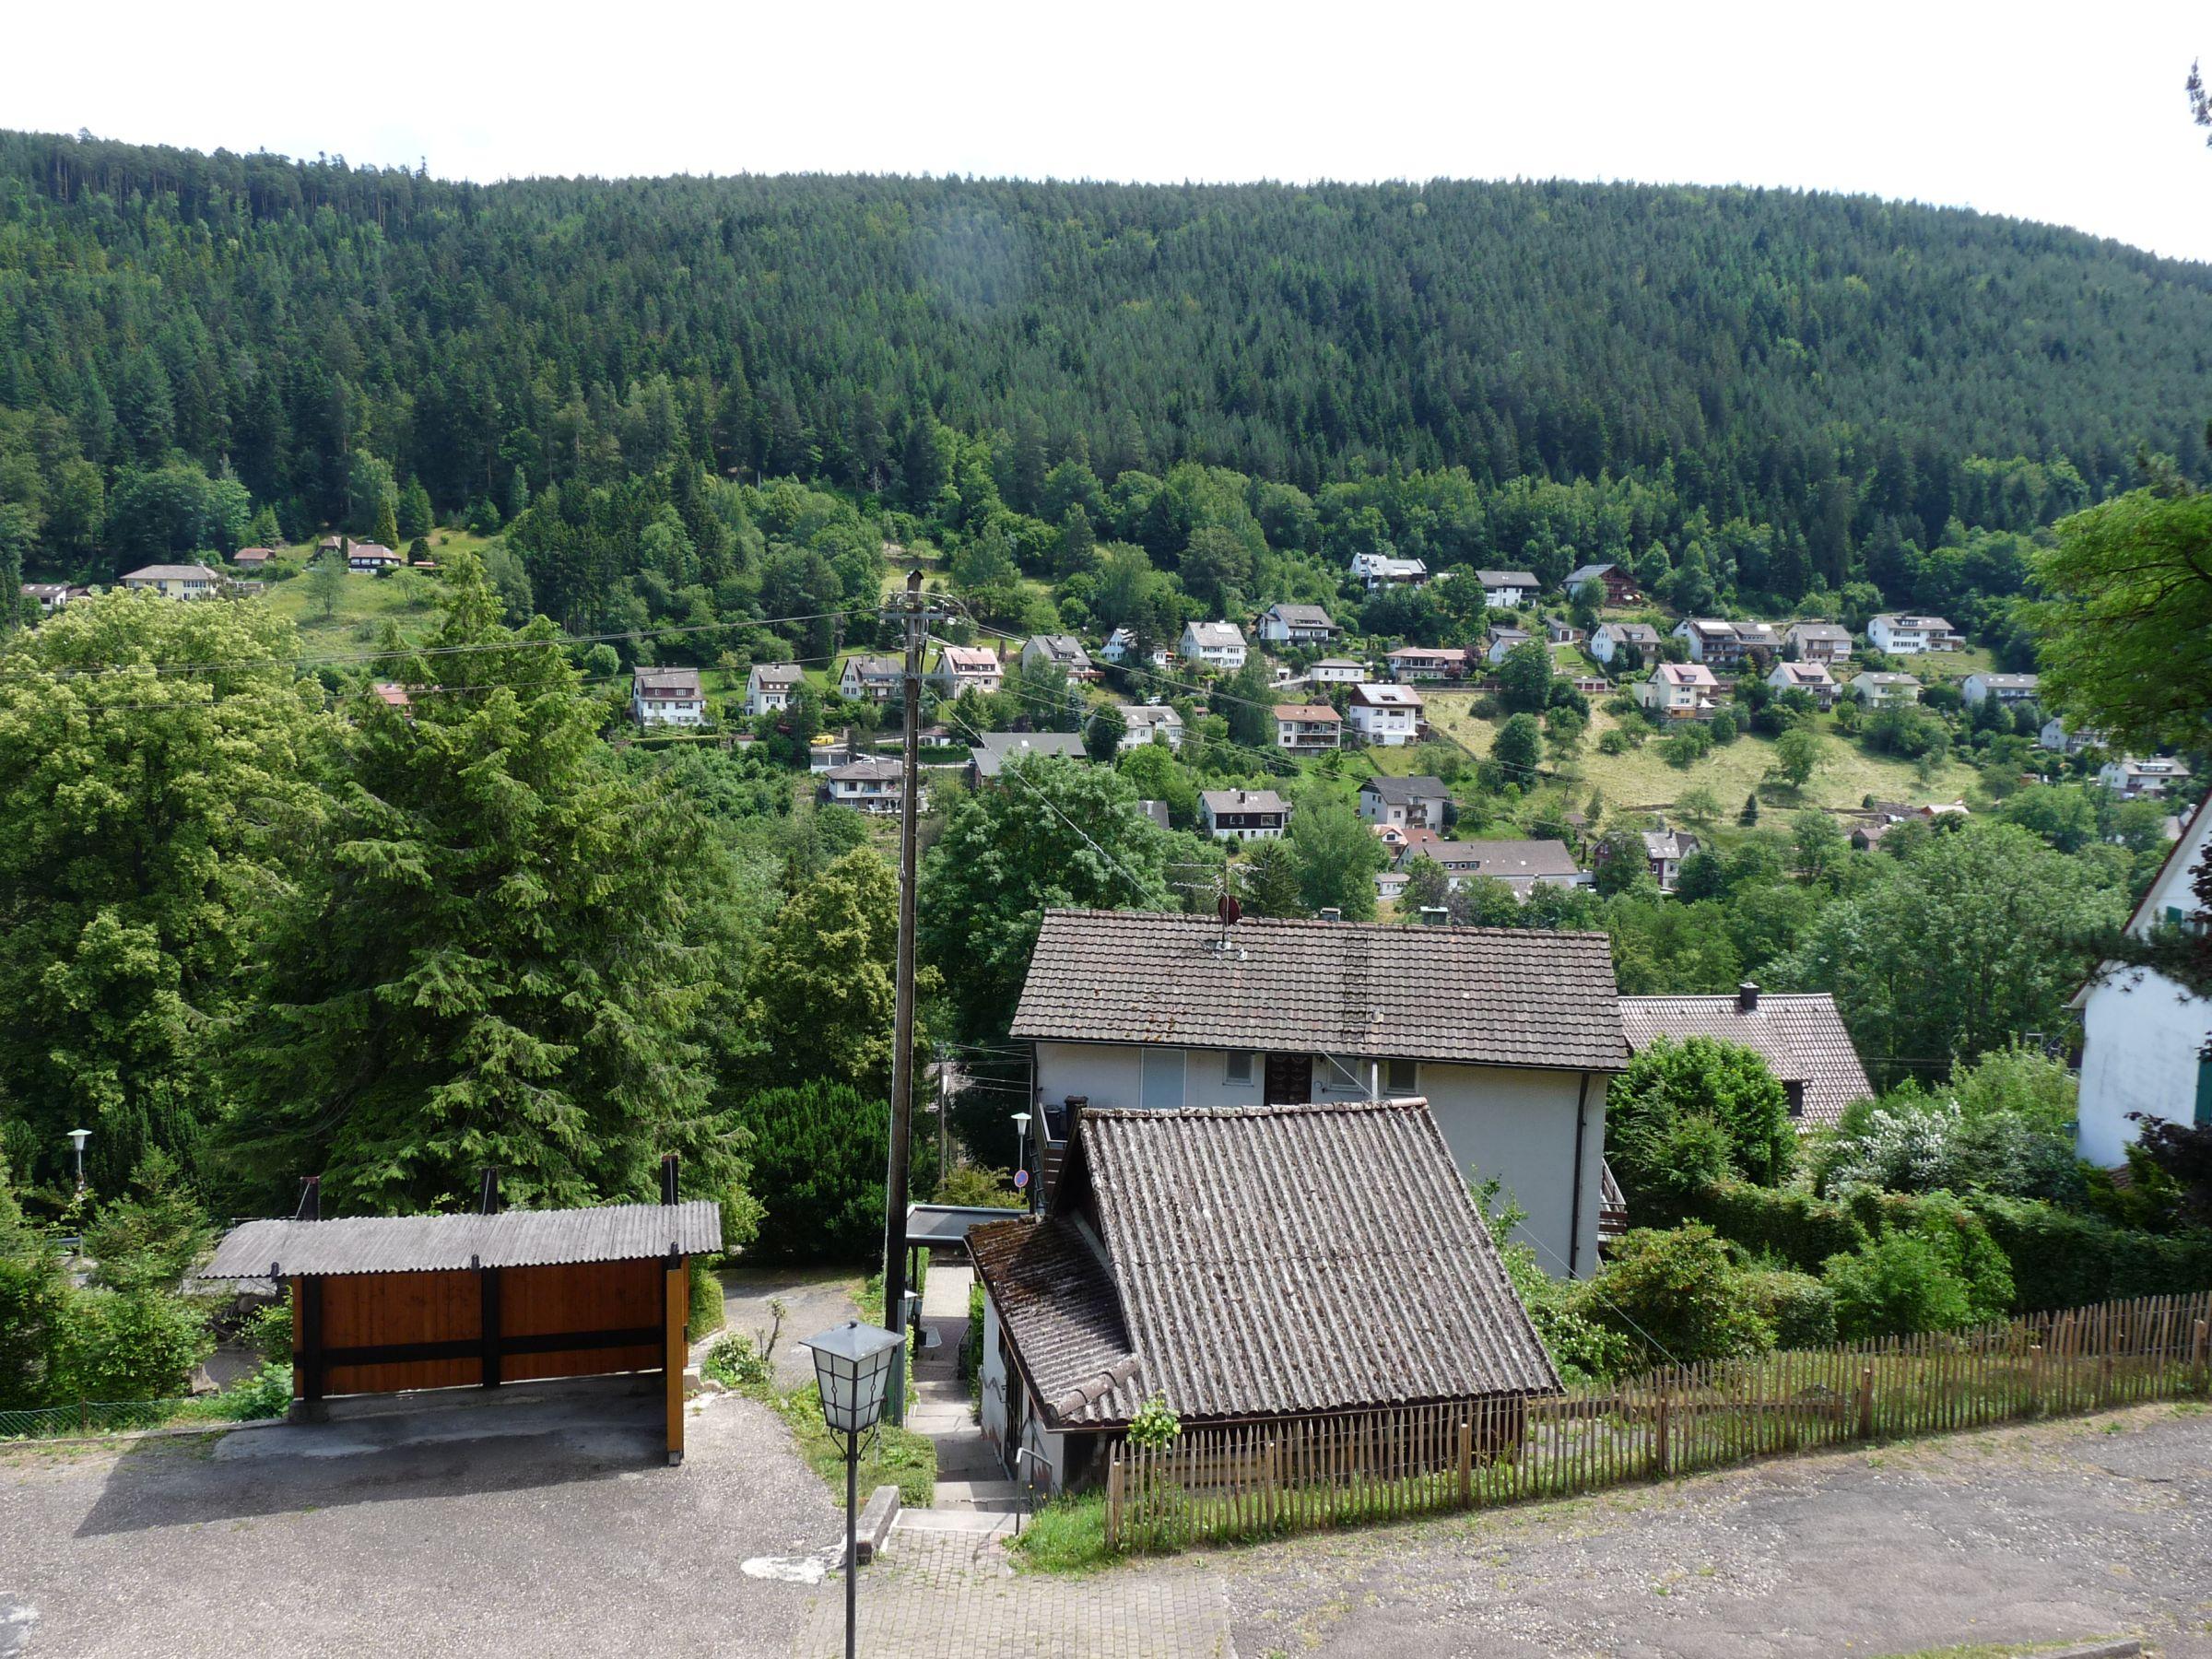 Ferienwohnung Haus Nils, (Bad Wildbad). Ferienwohnung, 55qm, 2 Schlafzimmer, max. 4 Personen (1029681), Bad Wildbad, Schwarzwald, Baden-Württemberg, Deutschland, Bild 3